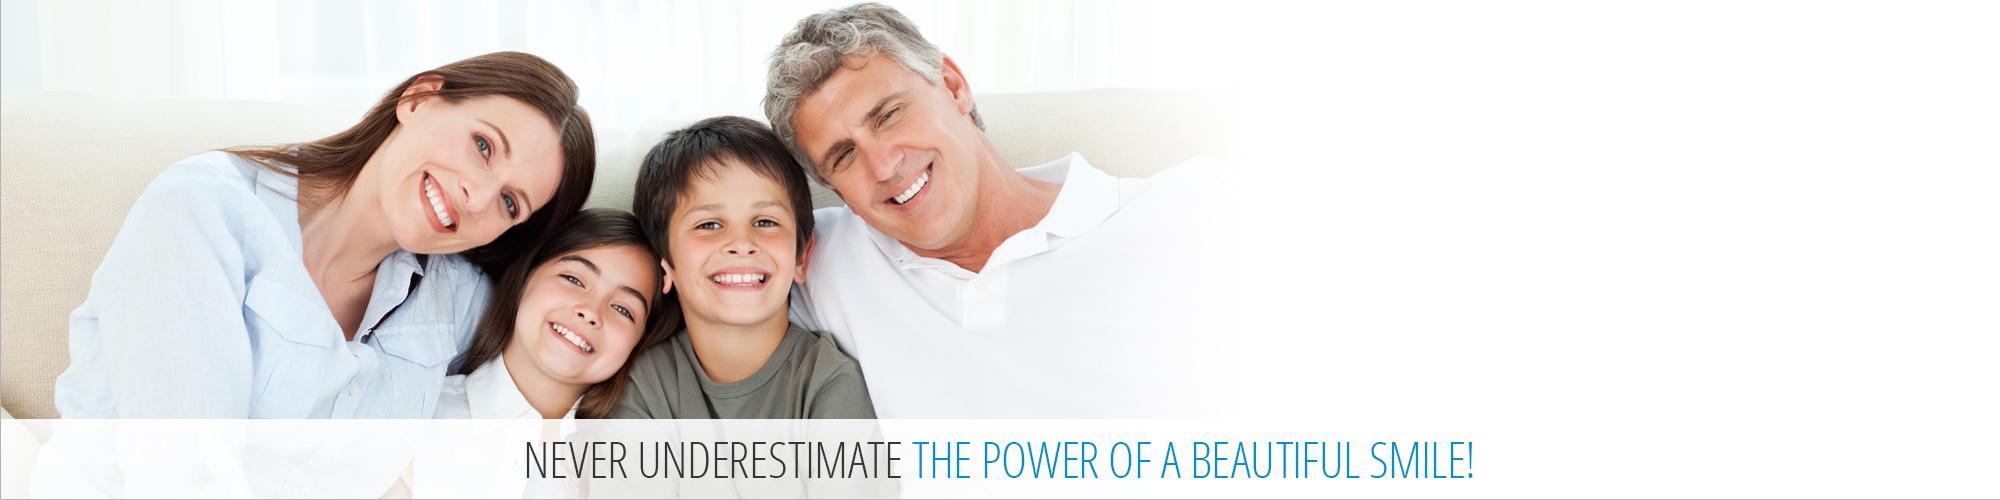 Orthodontics for children   Family